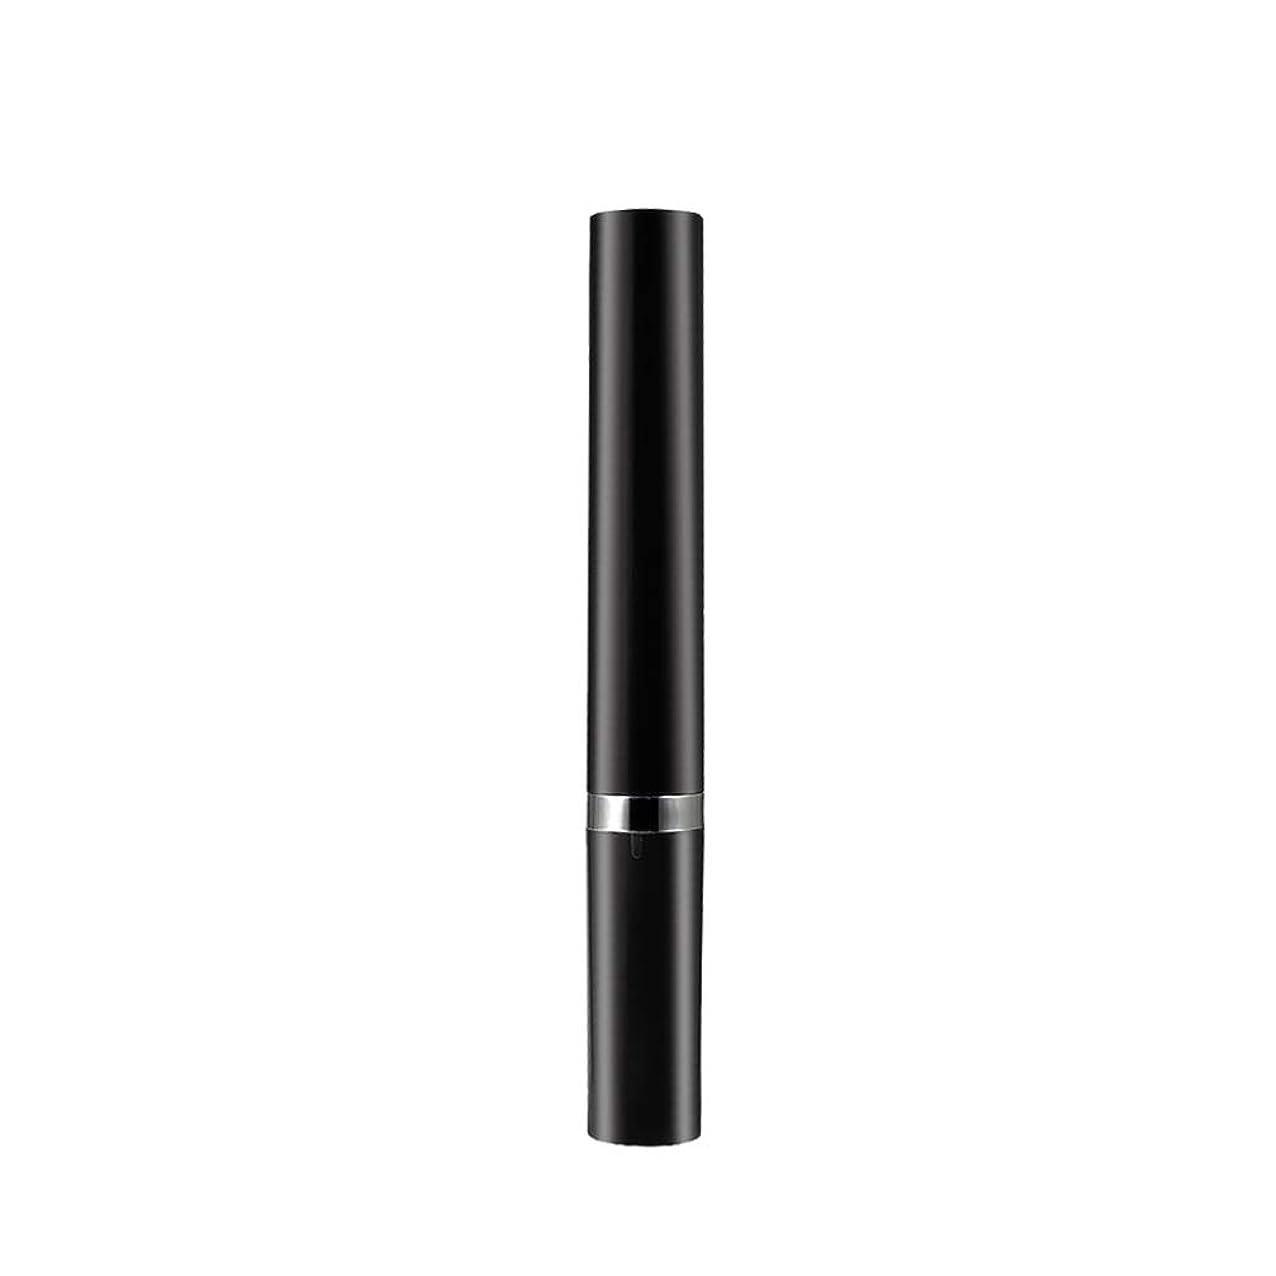 背が高い月曜協力するSUPVOX バッテリーなしで口腔美容旅行のための電動歯ブラシの振動防水歯ブラシを移動する(黒)